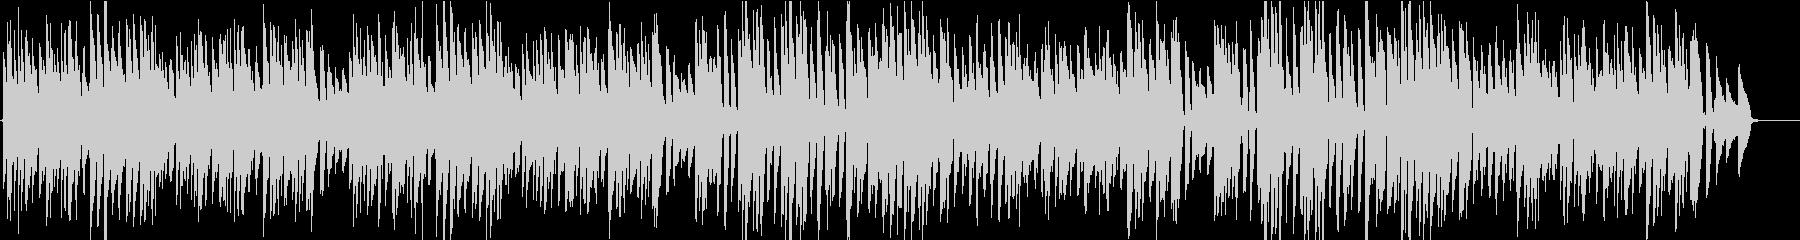 バッハ/メヌエット2/へたっぴバイオリンの未再生の波形